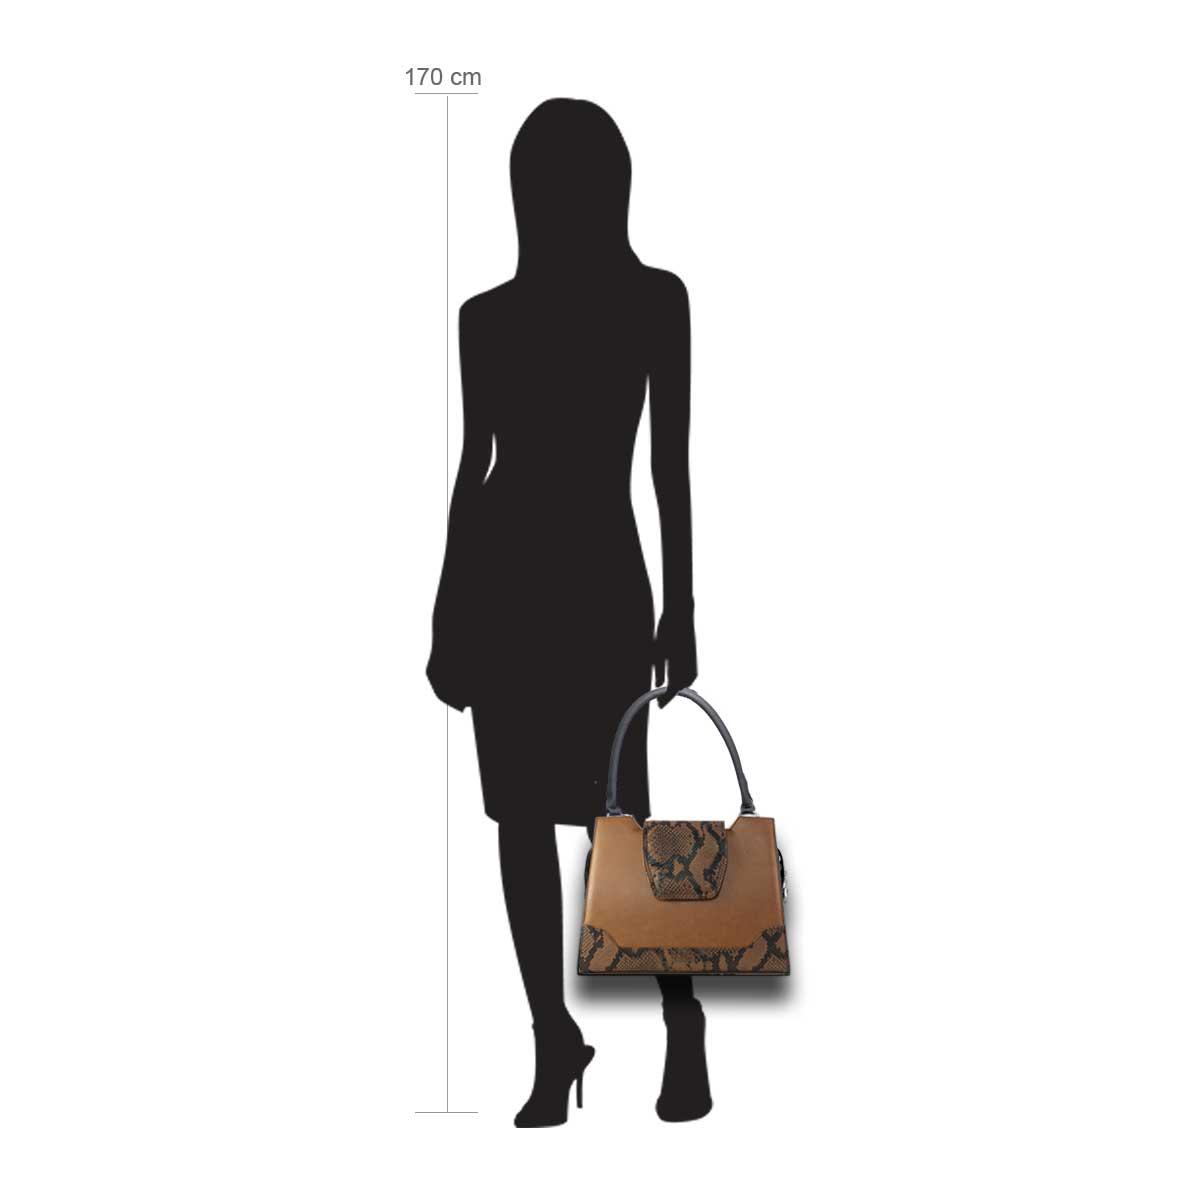 Puppe 170 cm groß zeigt die Taschengröße an . Modell: Madura braun